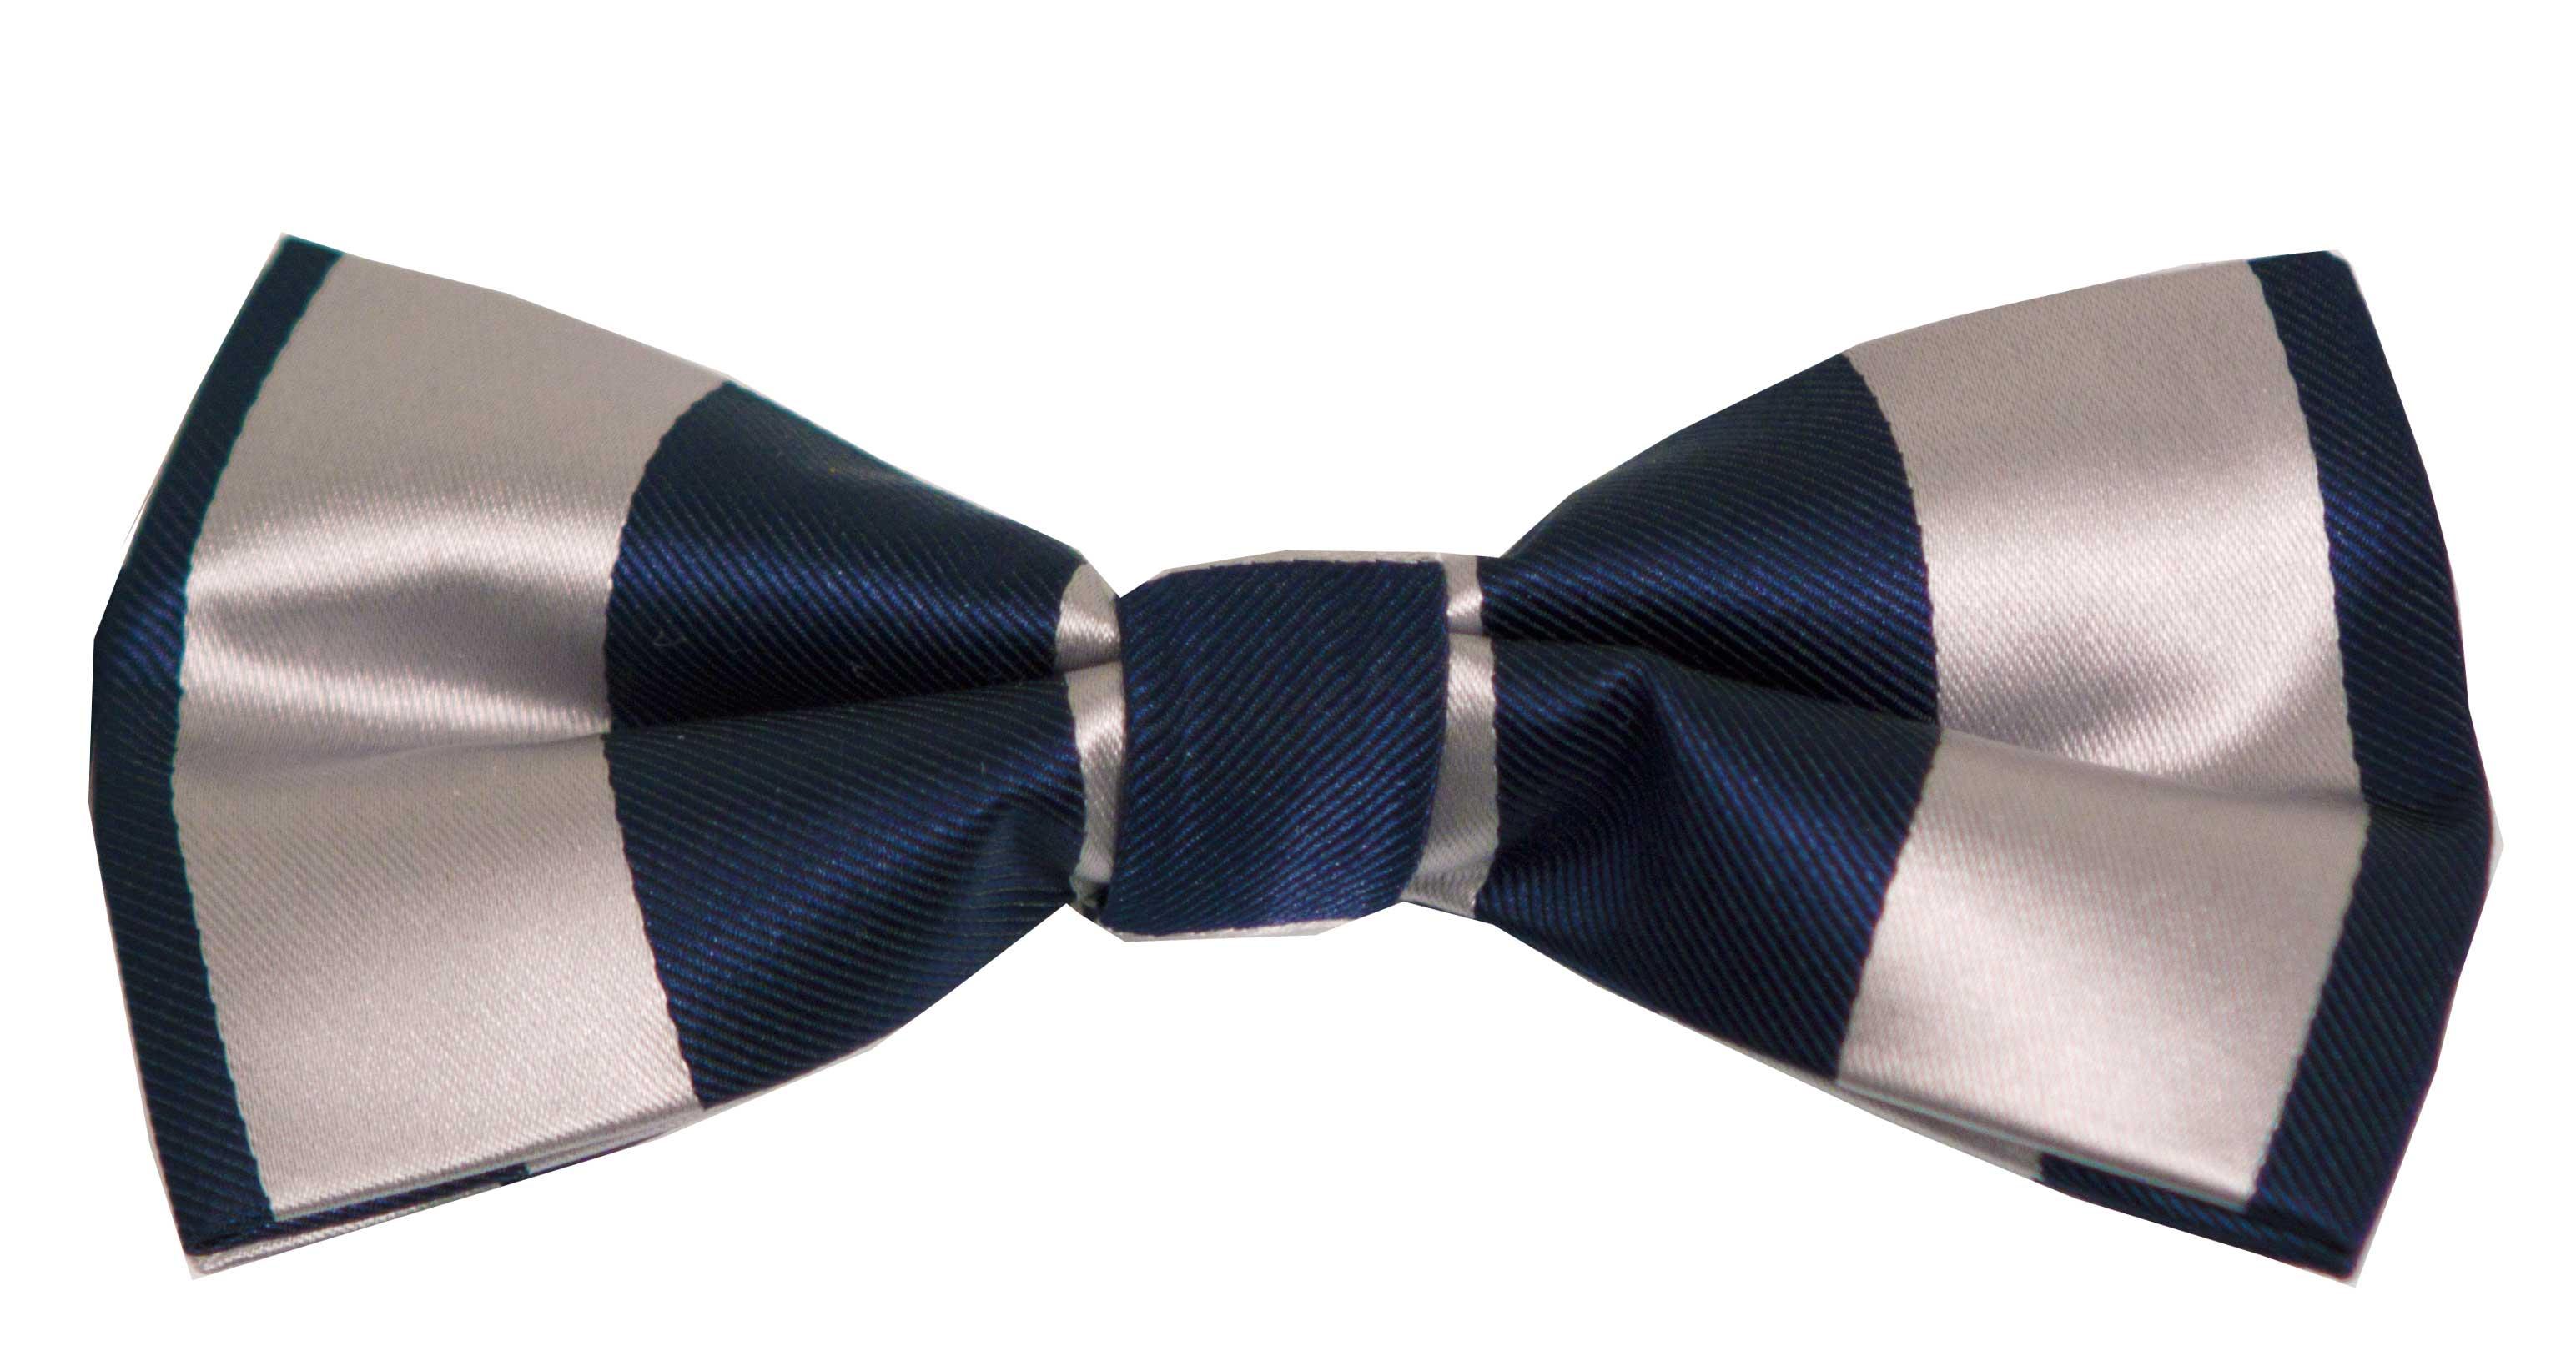 Fluga (blå och grå)